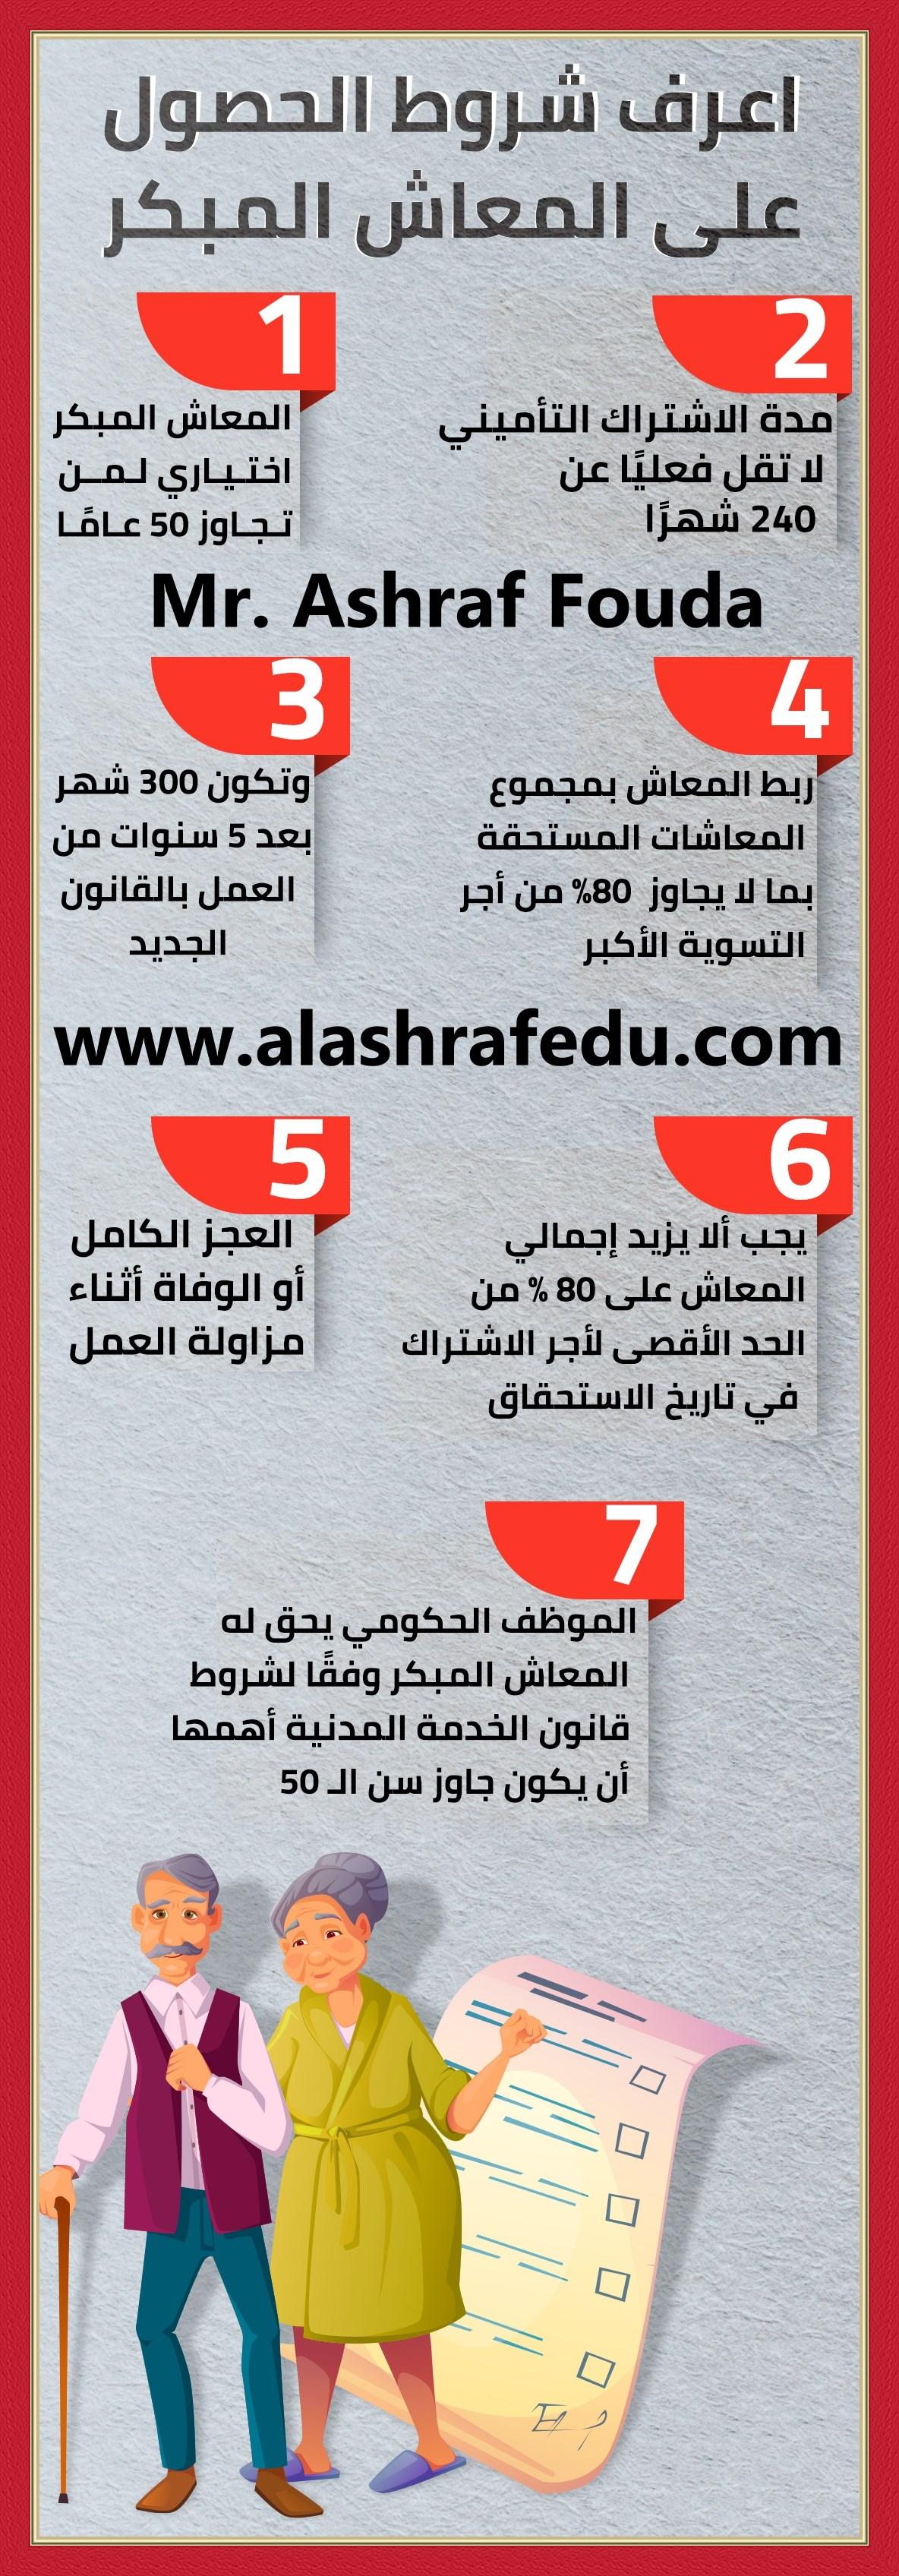 إعرف شروط الحصول المعاش المبكر www.alashrafedu.com1